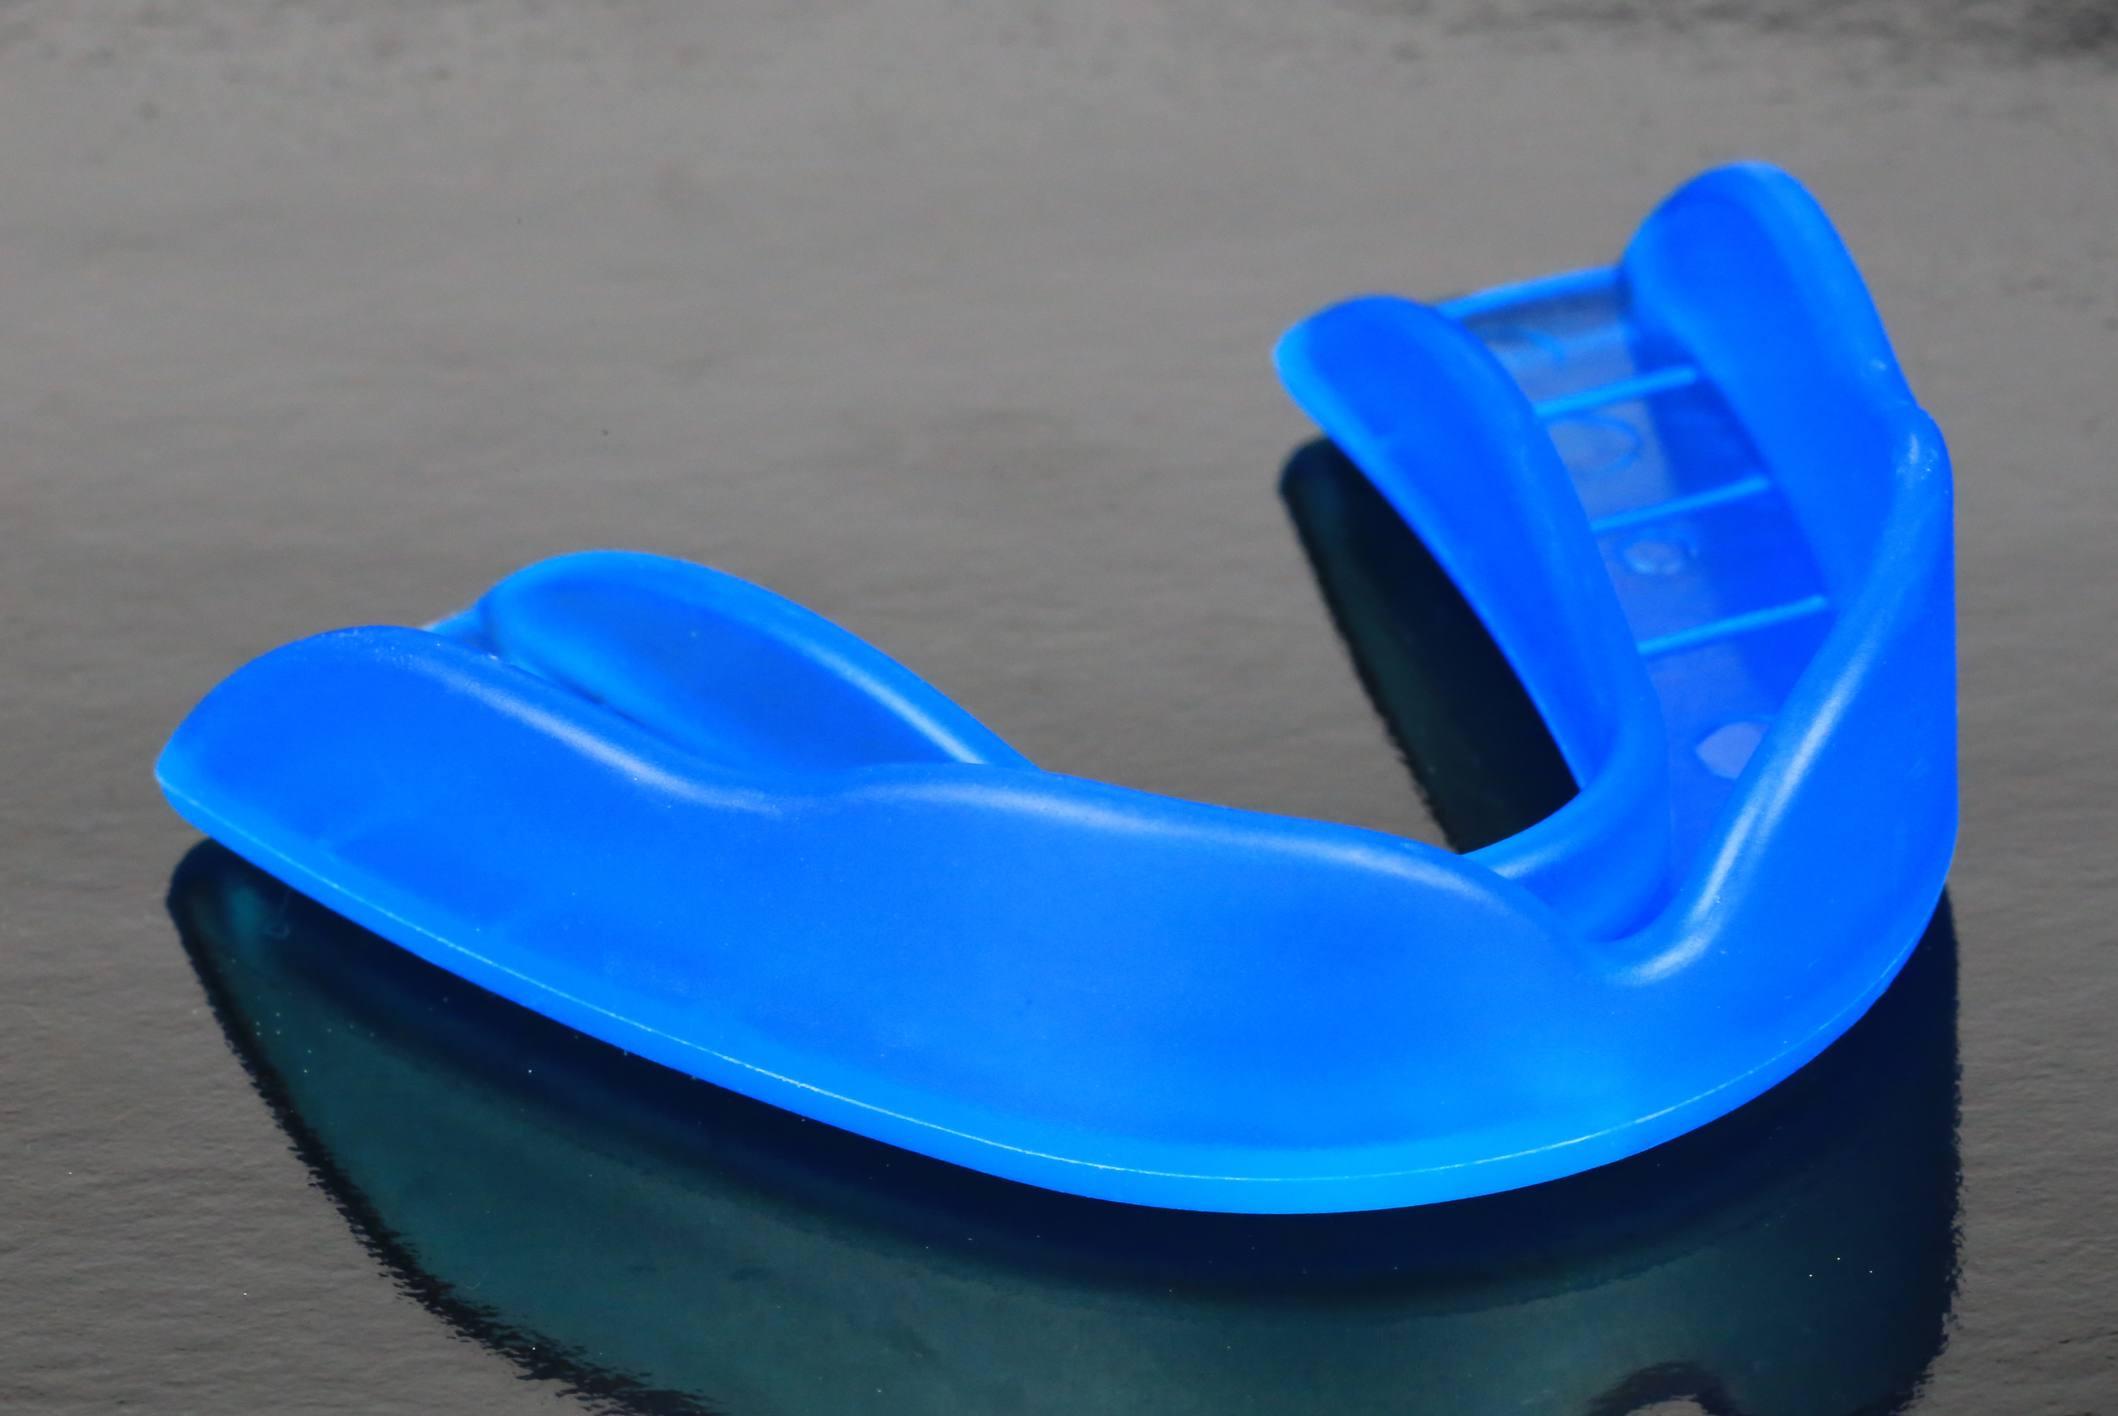 Dispositivo de protección bucal para prevenir y reducir lesiones